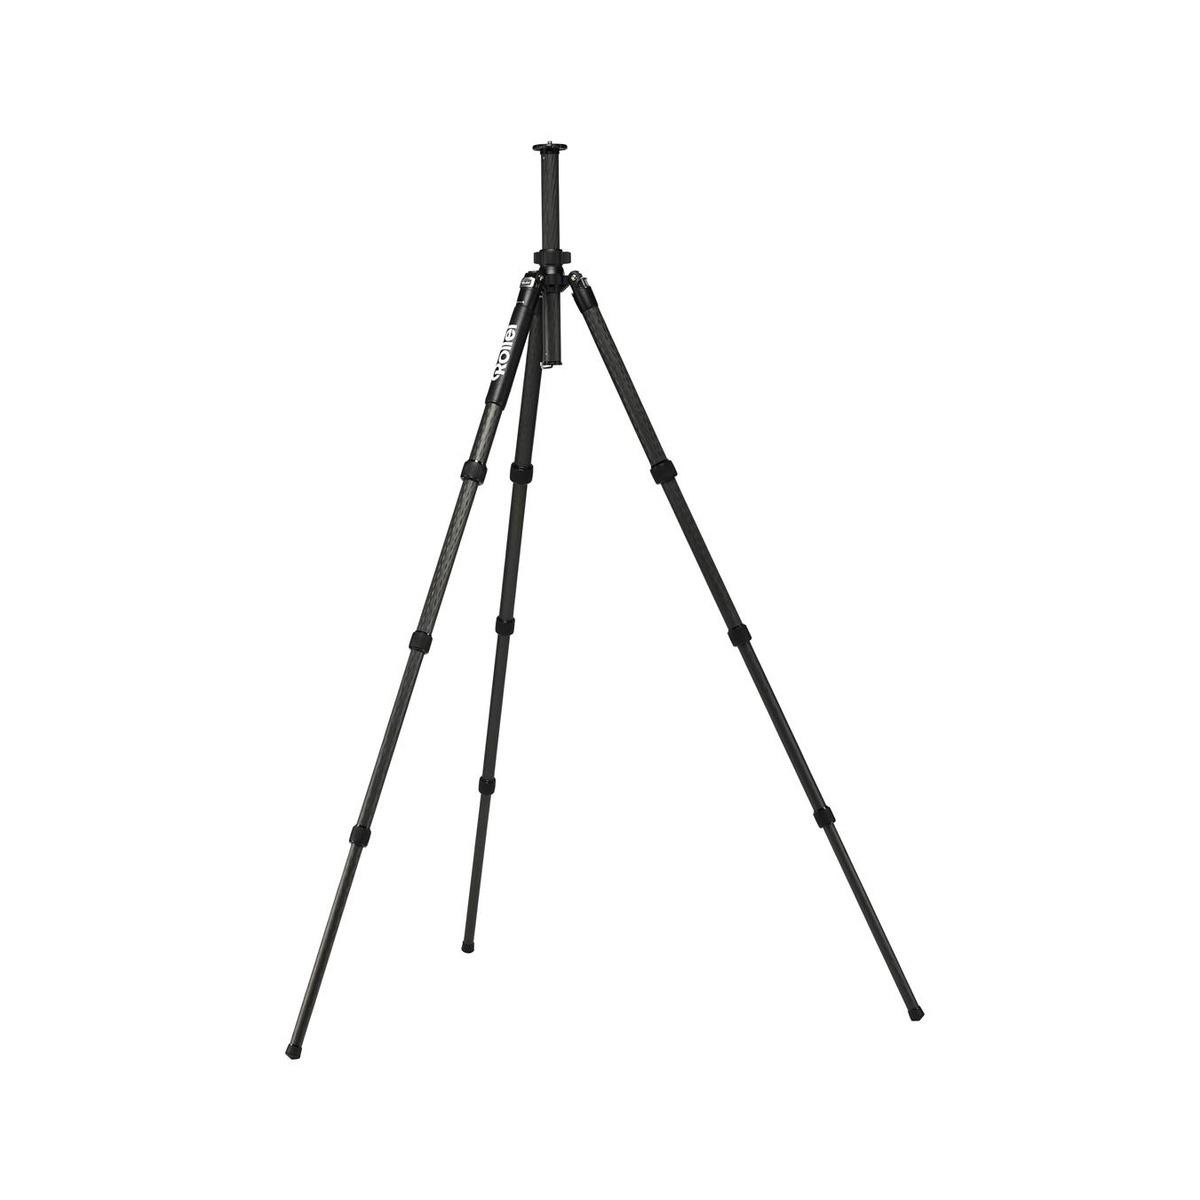 Rollei Solid Carbon Tripod Gamma/ Zátěž 16kg/ Vytažený 151 cm/ Karbon/ Černý